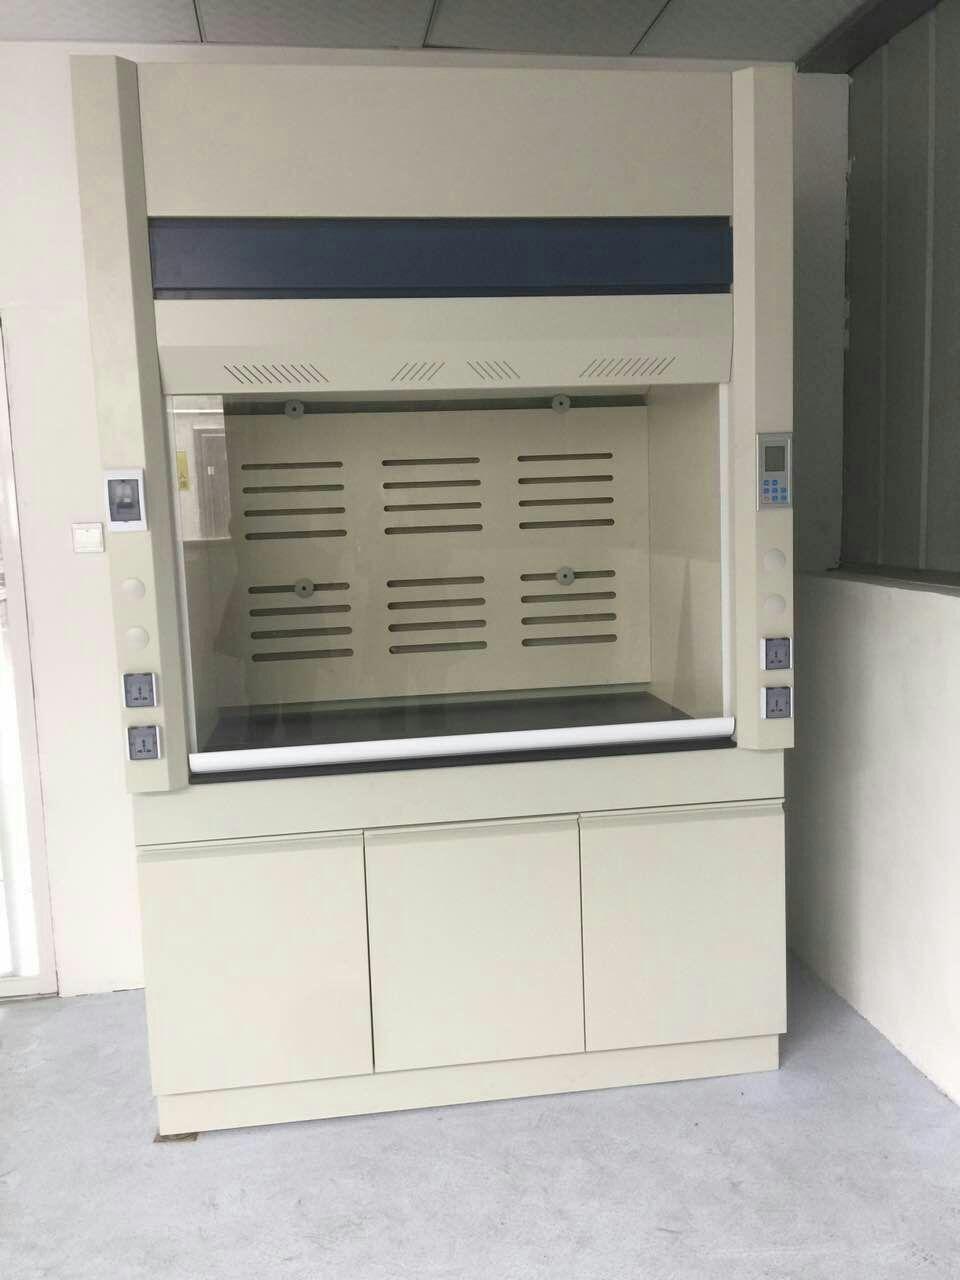 排毒柜 通风系统 实验室通风柜 通风厨 直排风机 通风橱 通风柜